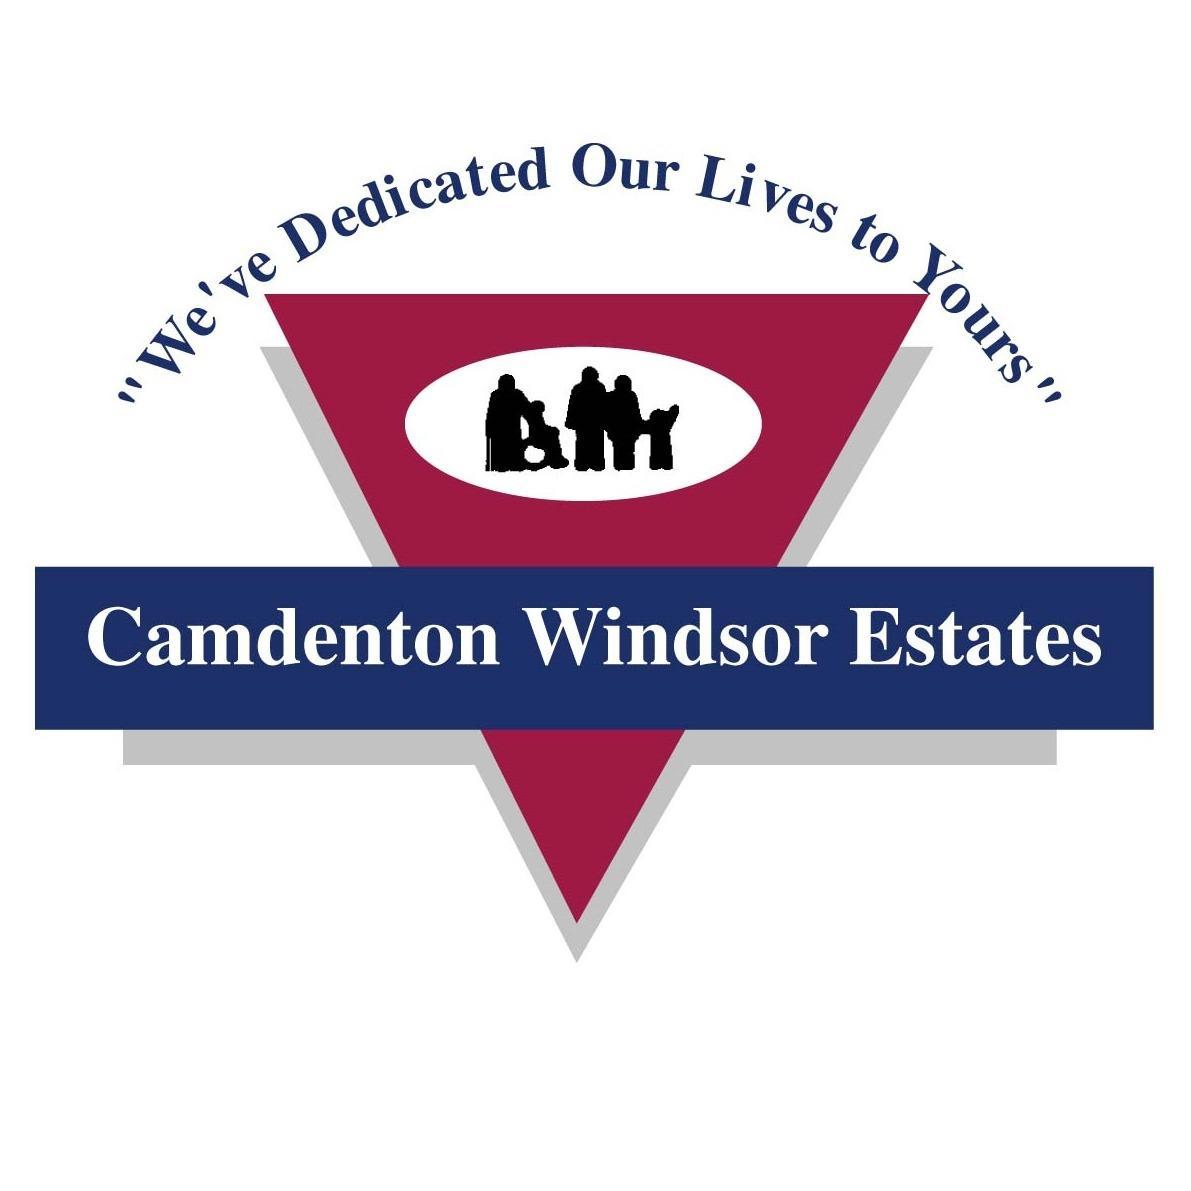 Camdenton Windsor Estates image 2